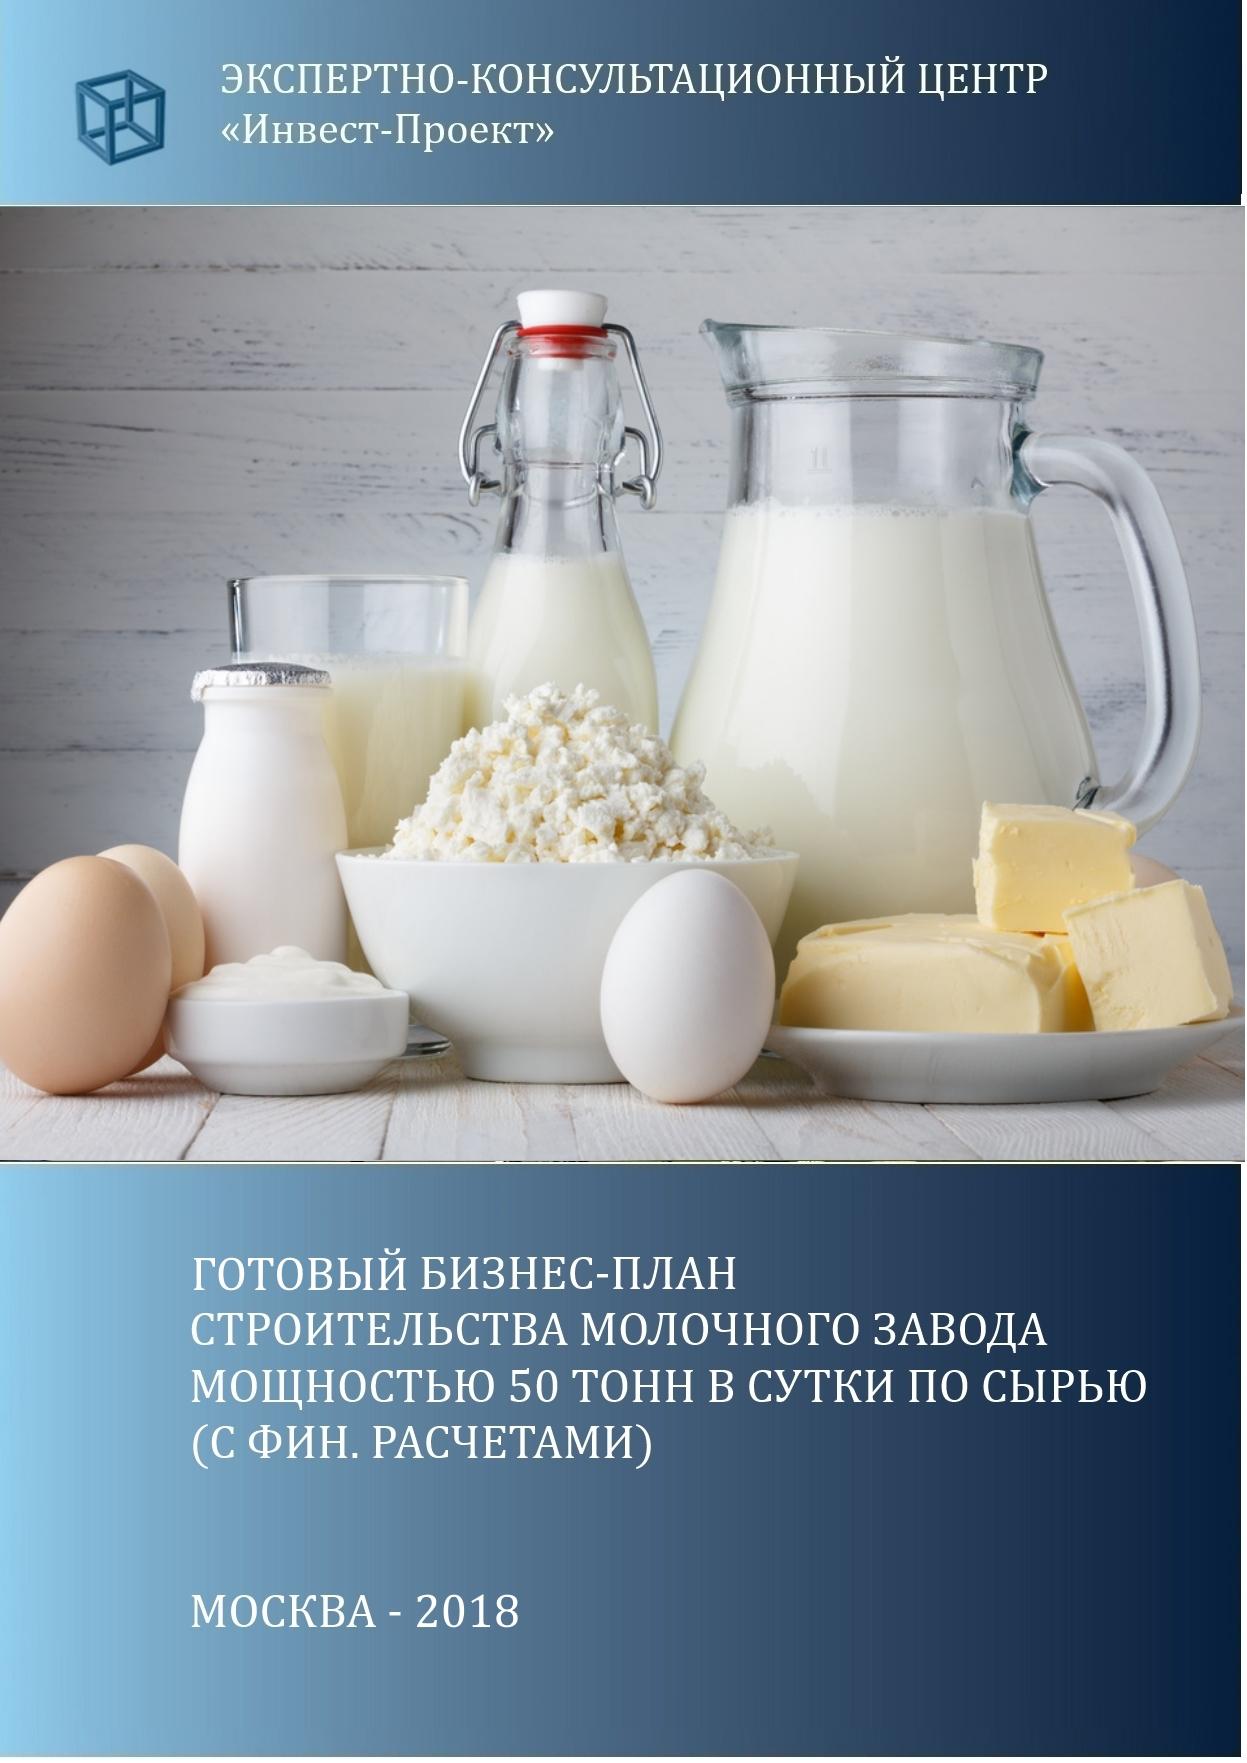 Бизнес план магазин молочной продукции бизнес план тонировка автомобилей